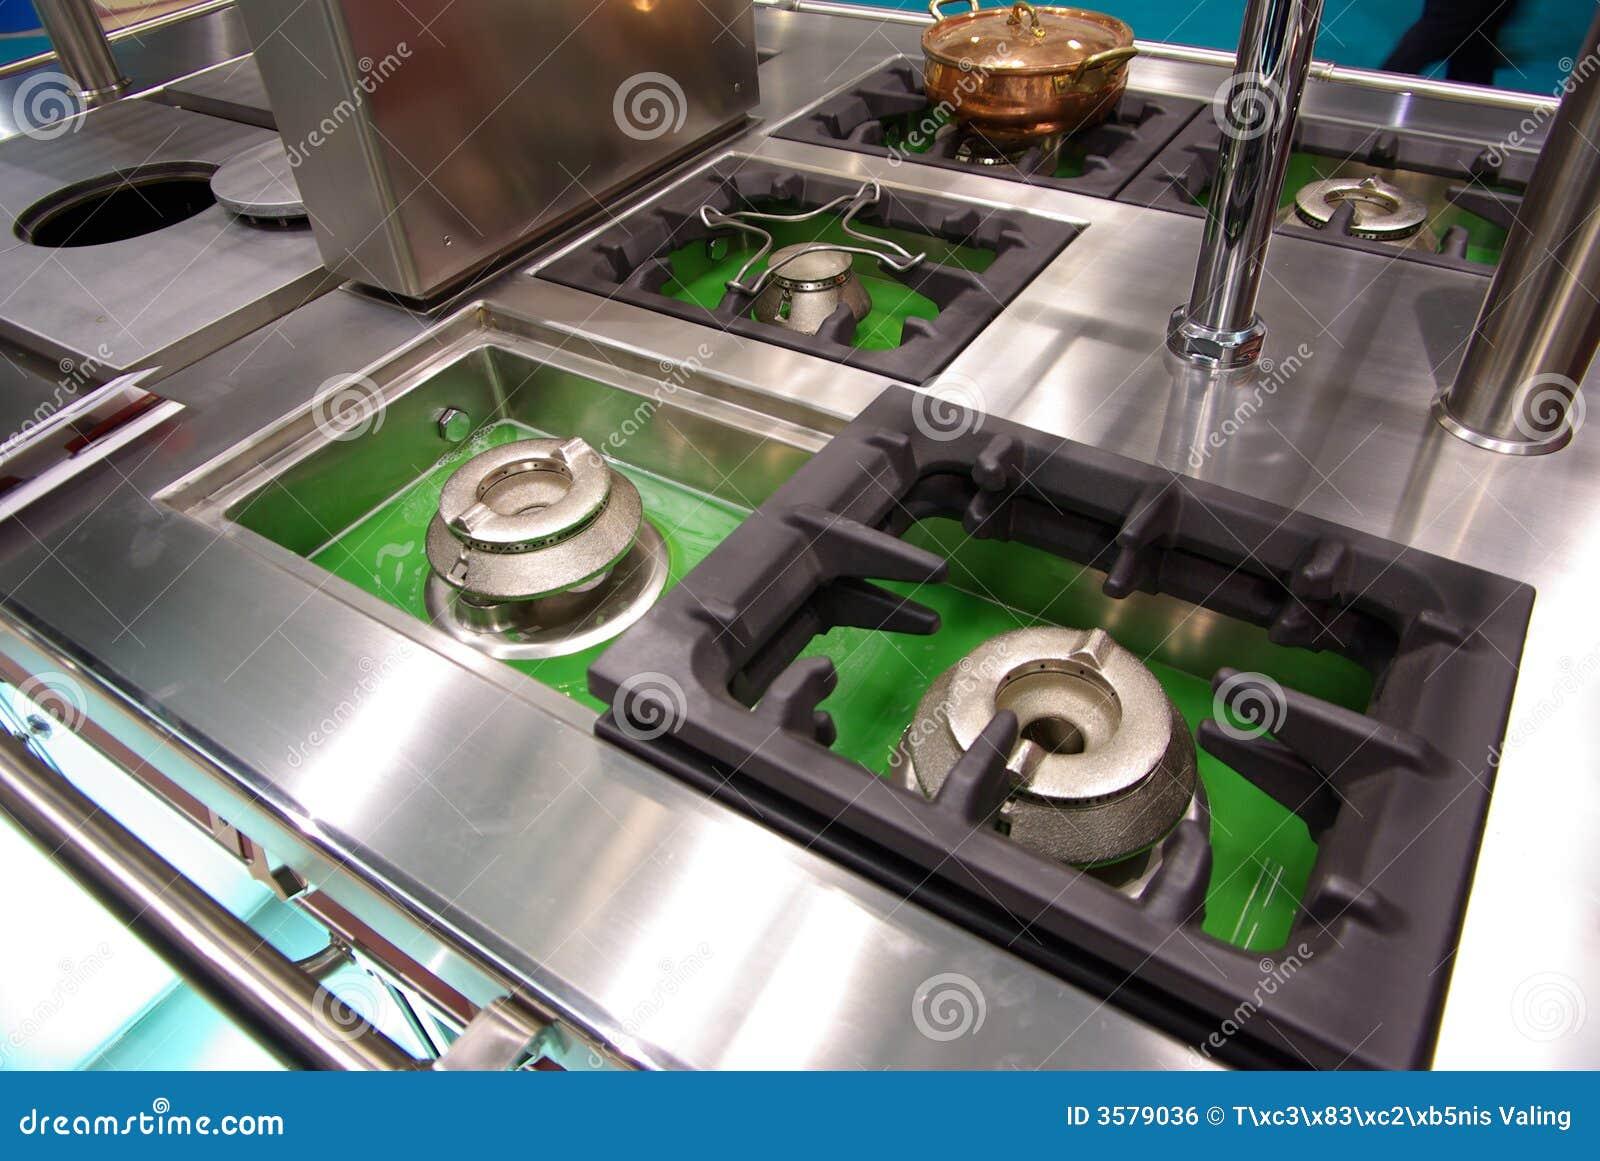 Keuken cooktops